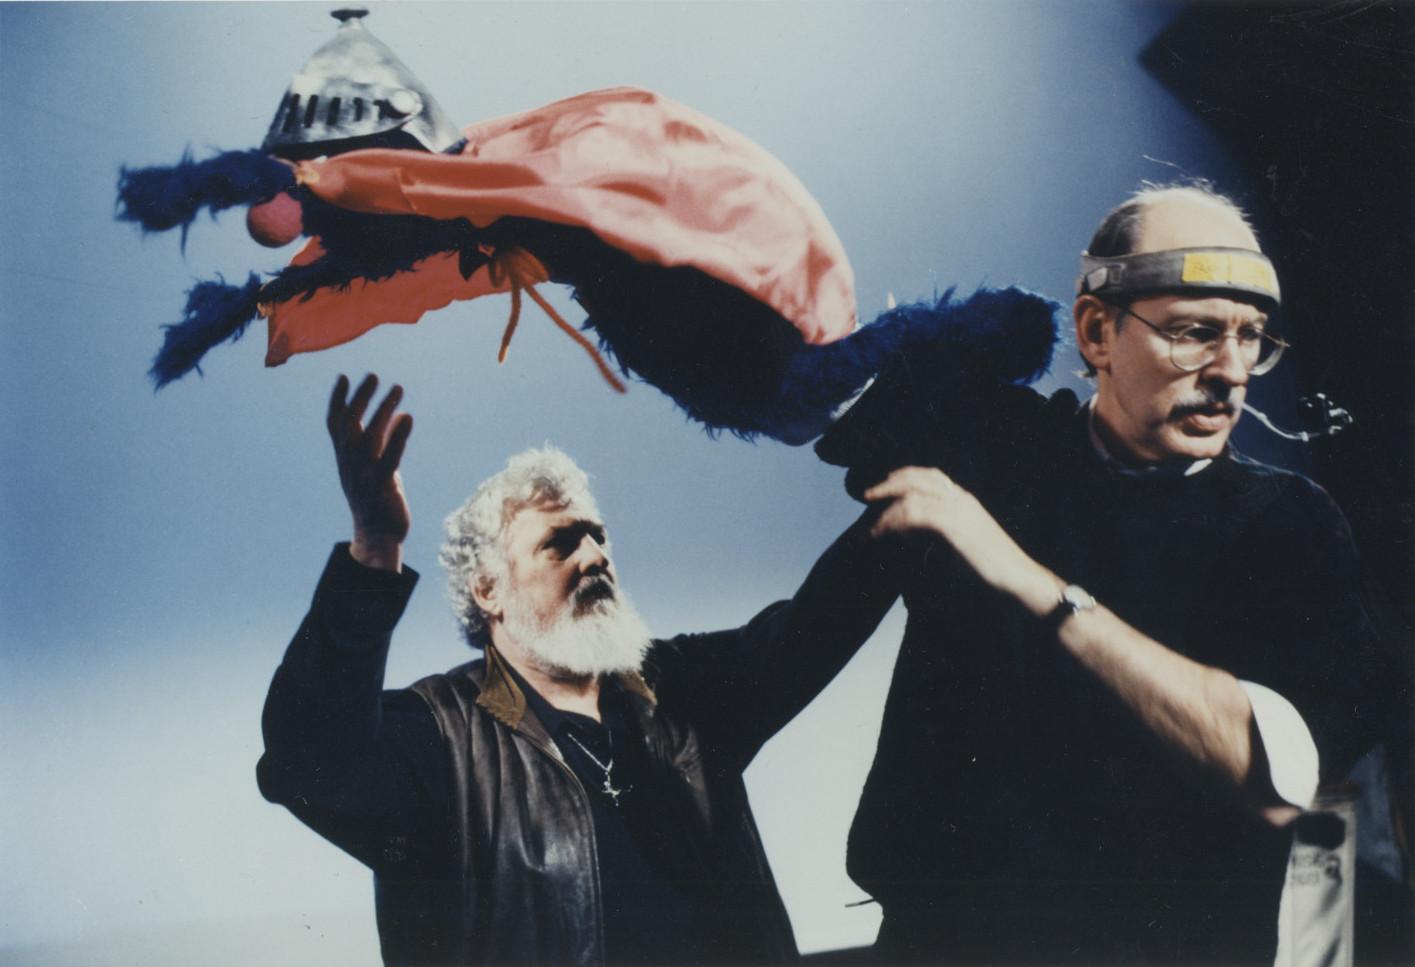 Frank Oz (à droite) interprète Super Grover avec Jon Stone (à gauche), metteur en scène de <em>Sesame Street</em>, 1995. Photo : Richard Termine. © Sesame Workshop